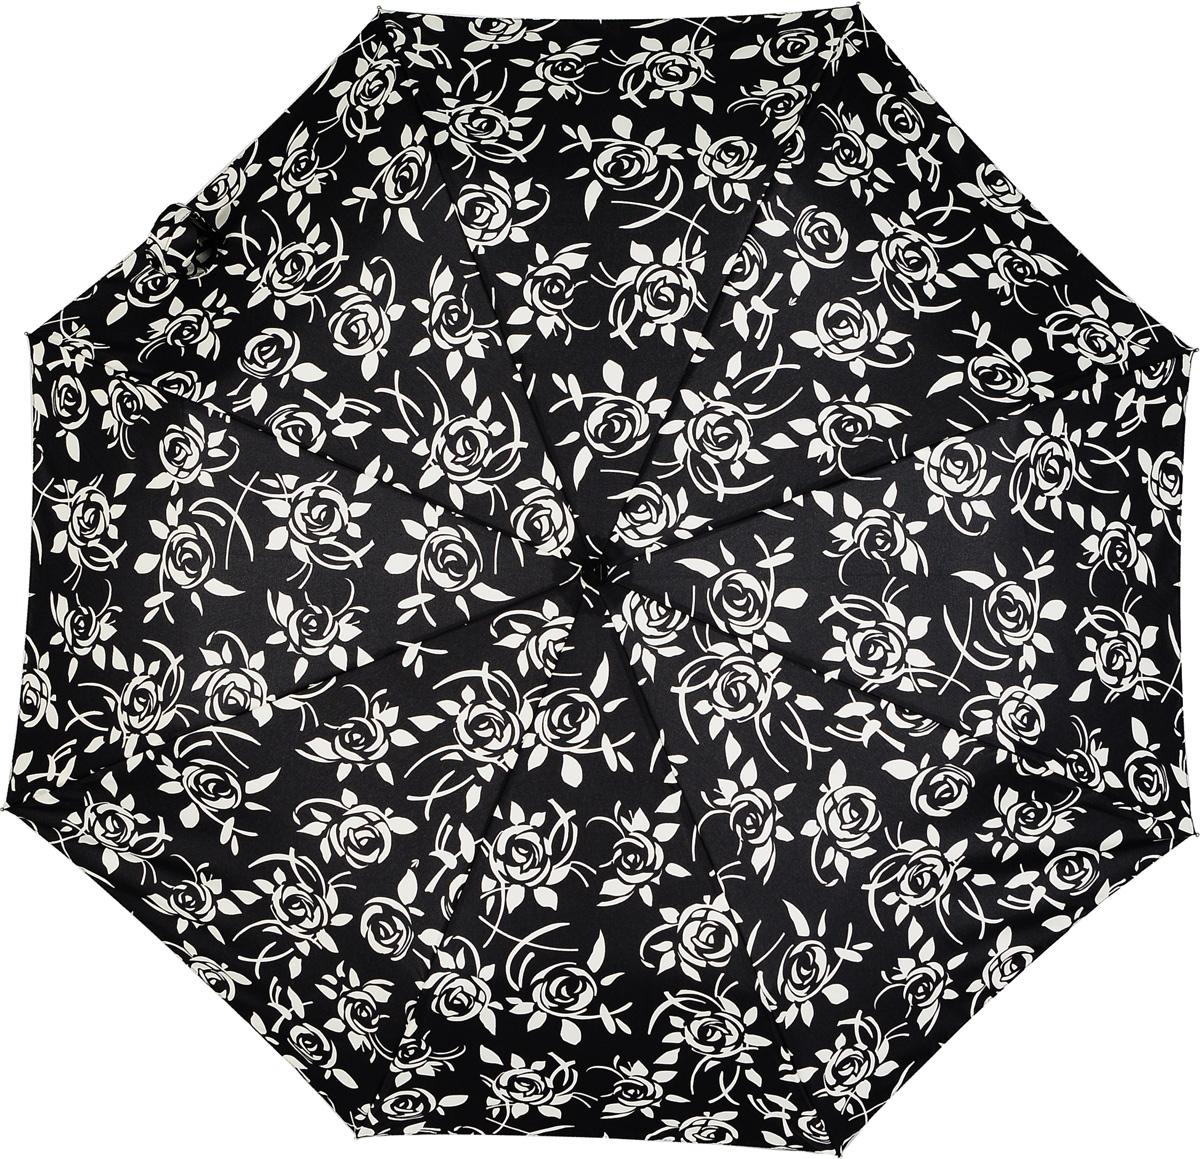 Зонт женский автомат Fulton, расцветка: розы. L346-2827 RoseDarlingL346-2827 RoseDarlingЖенский зонт «Розы», черный, автомат, Rose Darling, open&close, L346 4F2827, Fulton Идеальный зонт для любителей черного цвета в гардеробе. Розы, стилизованные под трафаретную роспись, всего лишь намекают на белый цвет. Не оспаривая главенство черного, они деликатно смягчают его классическую строгость и придают настроение женственности лаконичной, элегантно сдержанной модели. Конструкция зонта ветроустойчивая.